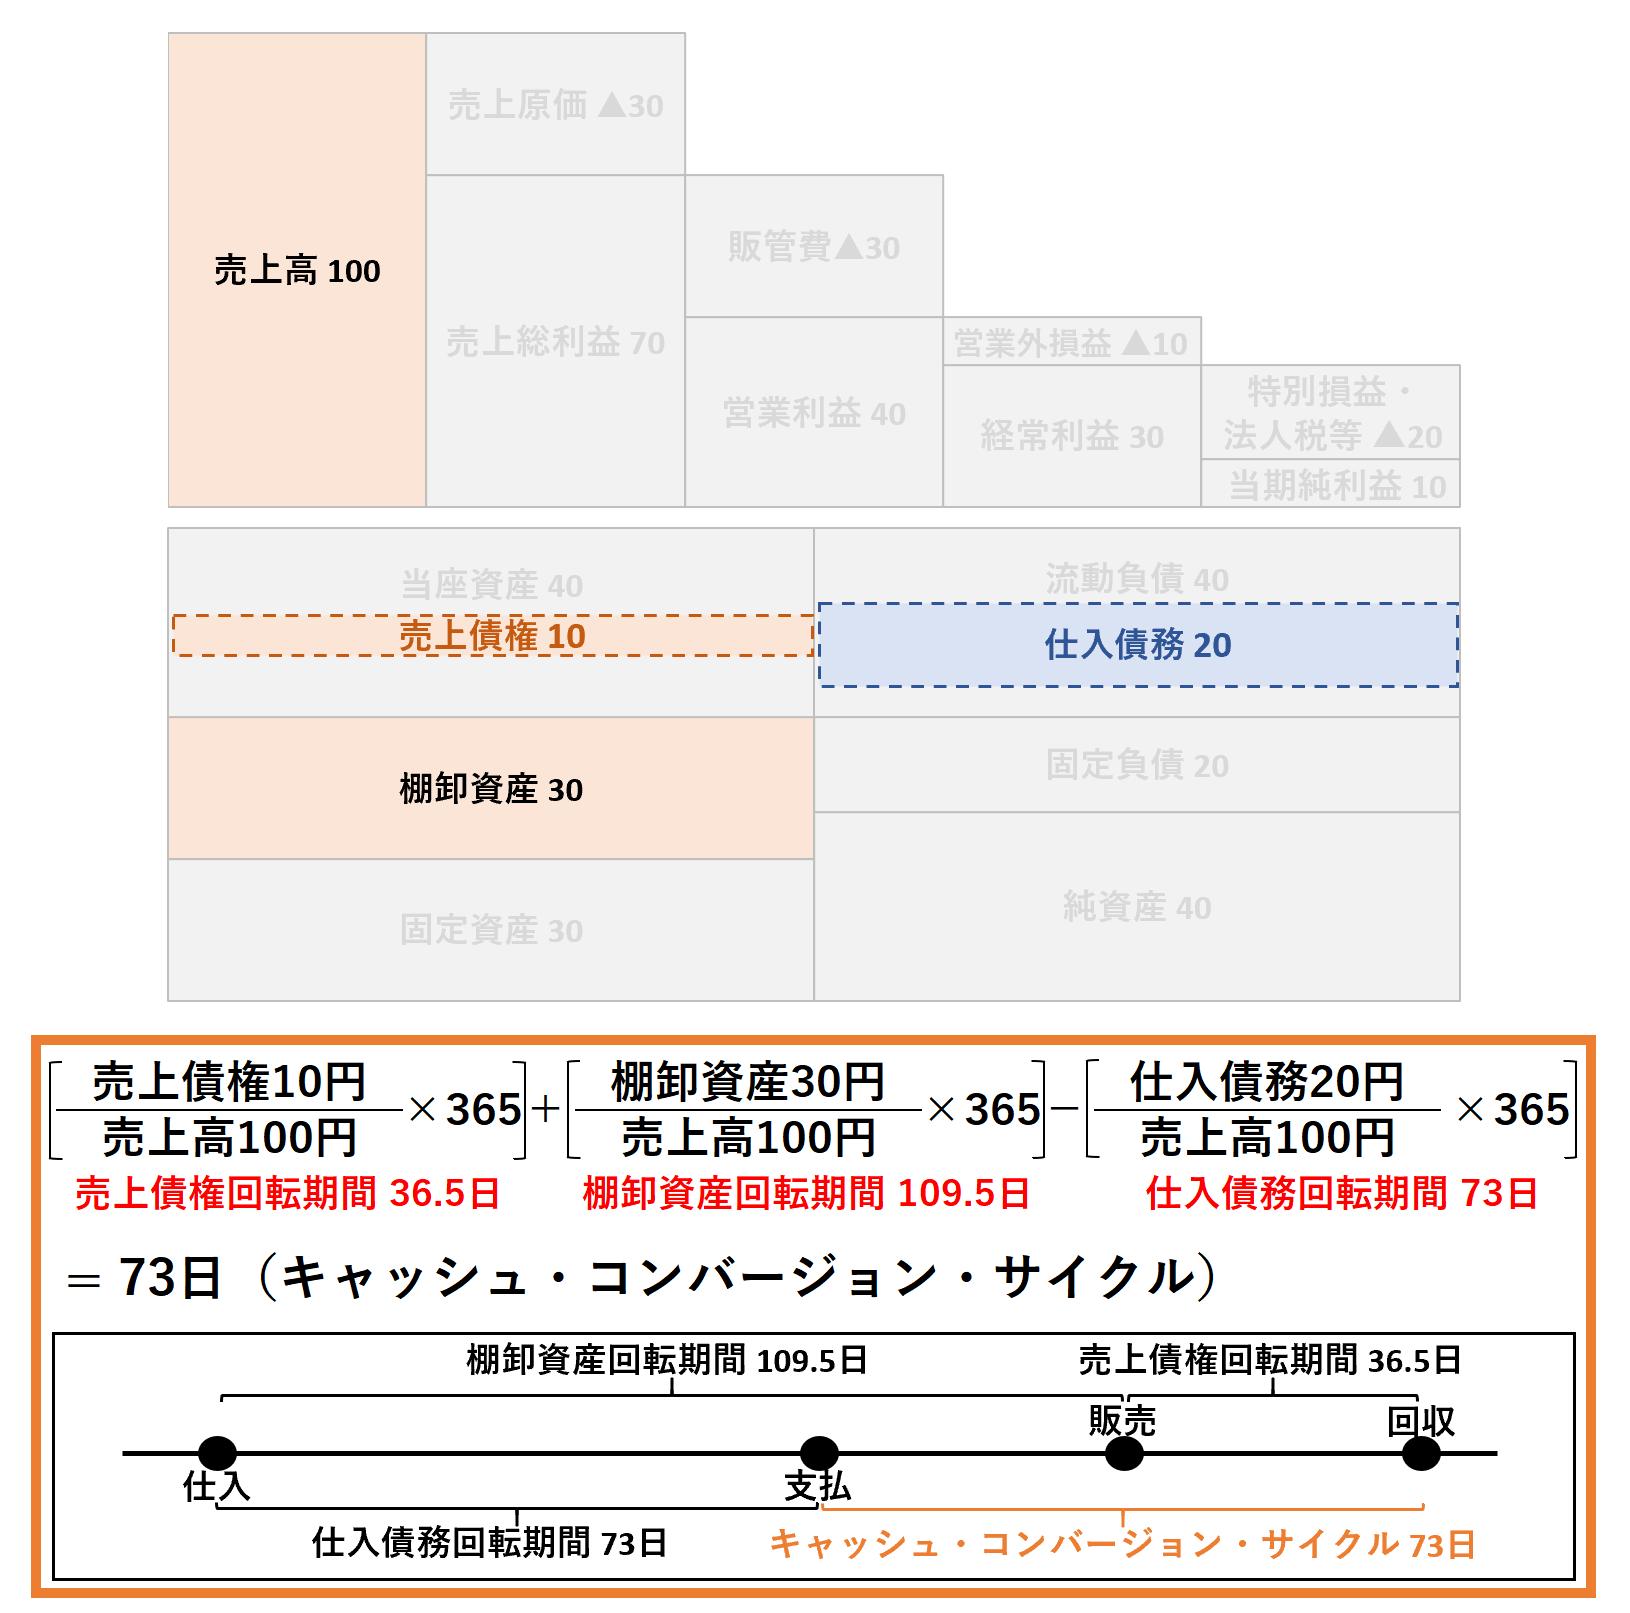 収益性分析(2級):キャッシュコンバージョンサイクルー解答